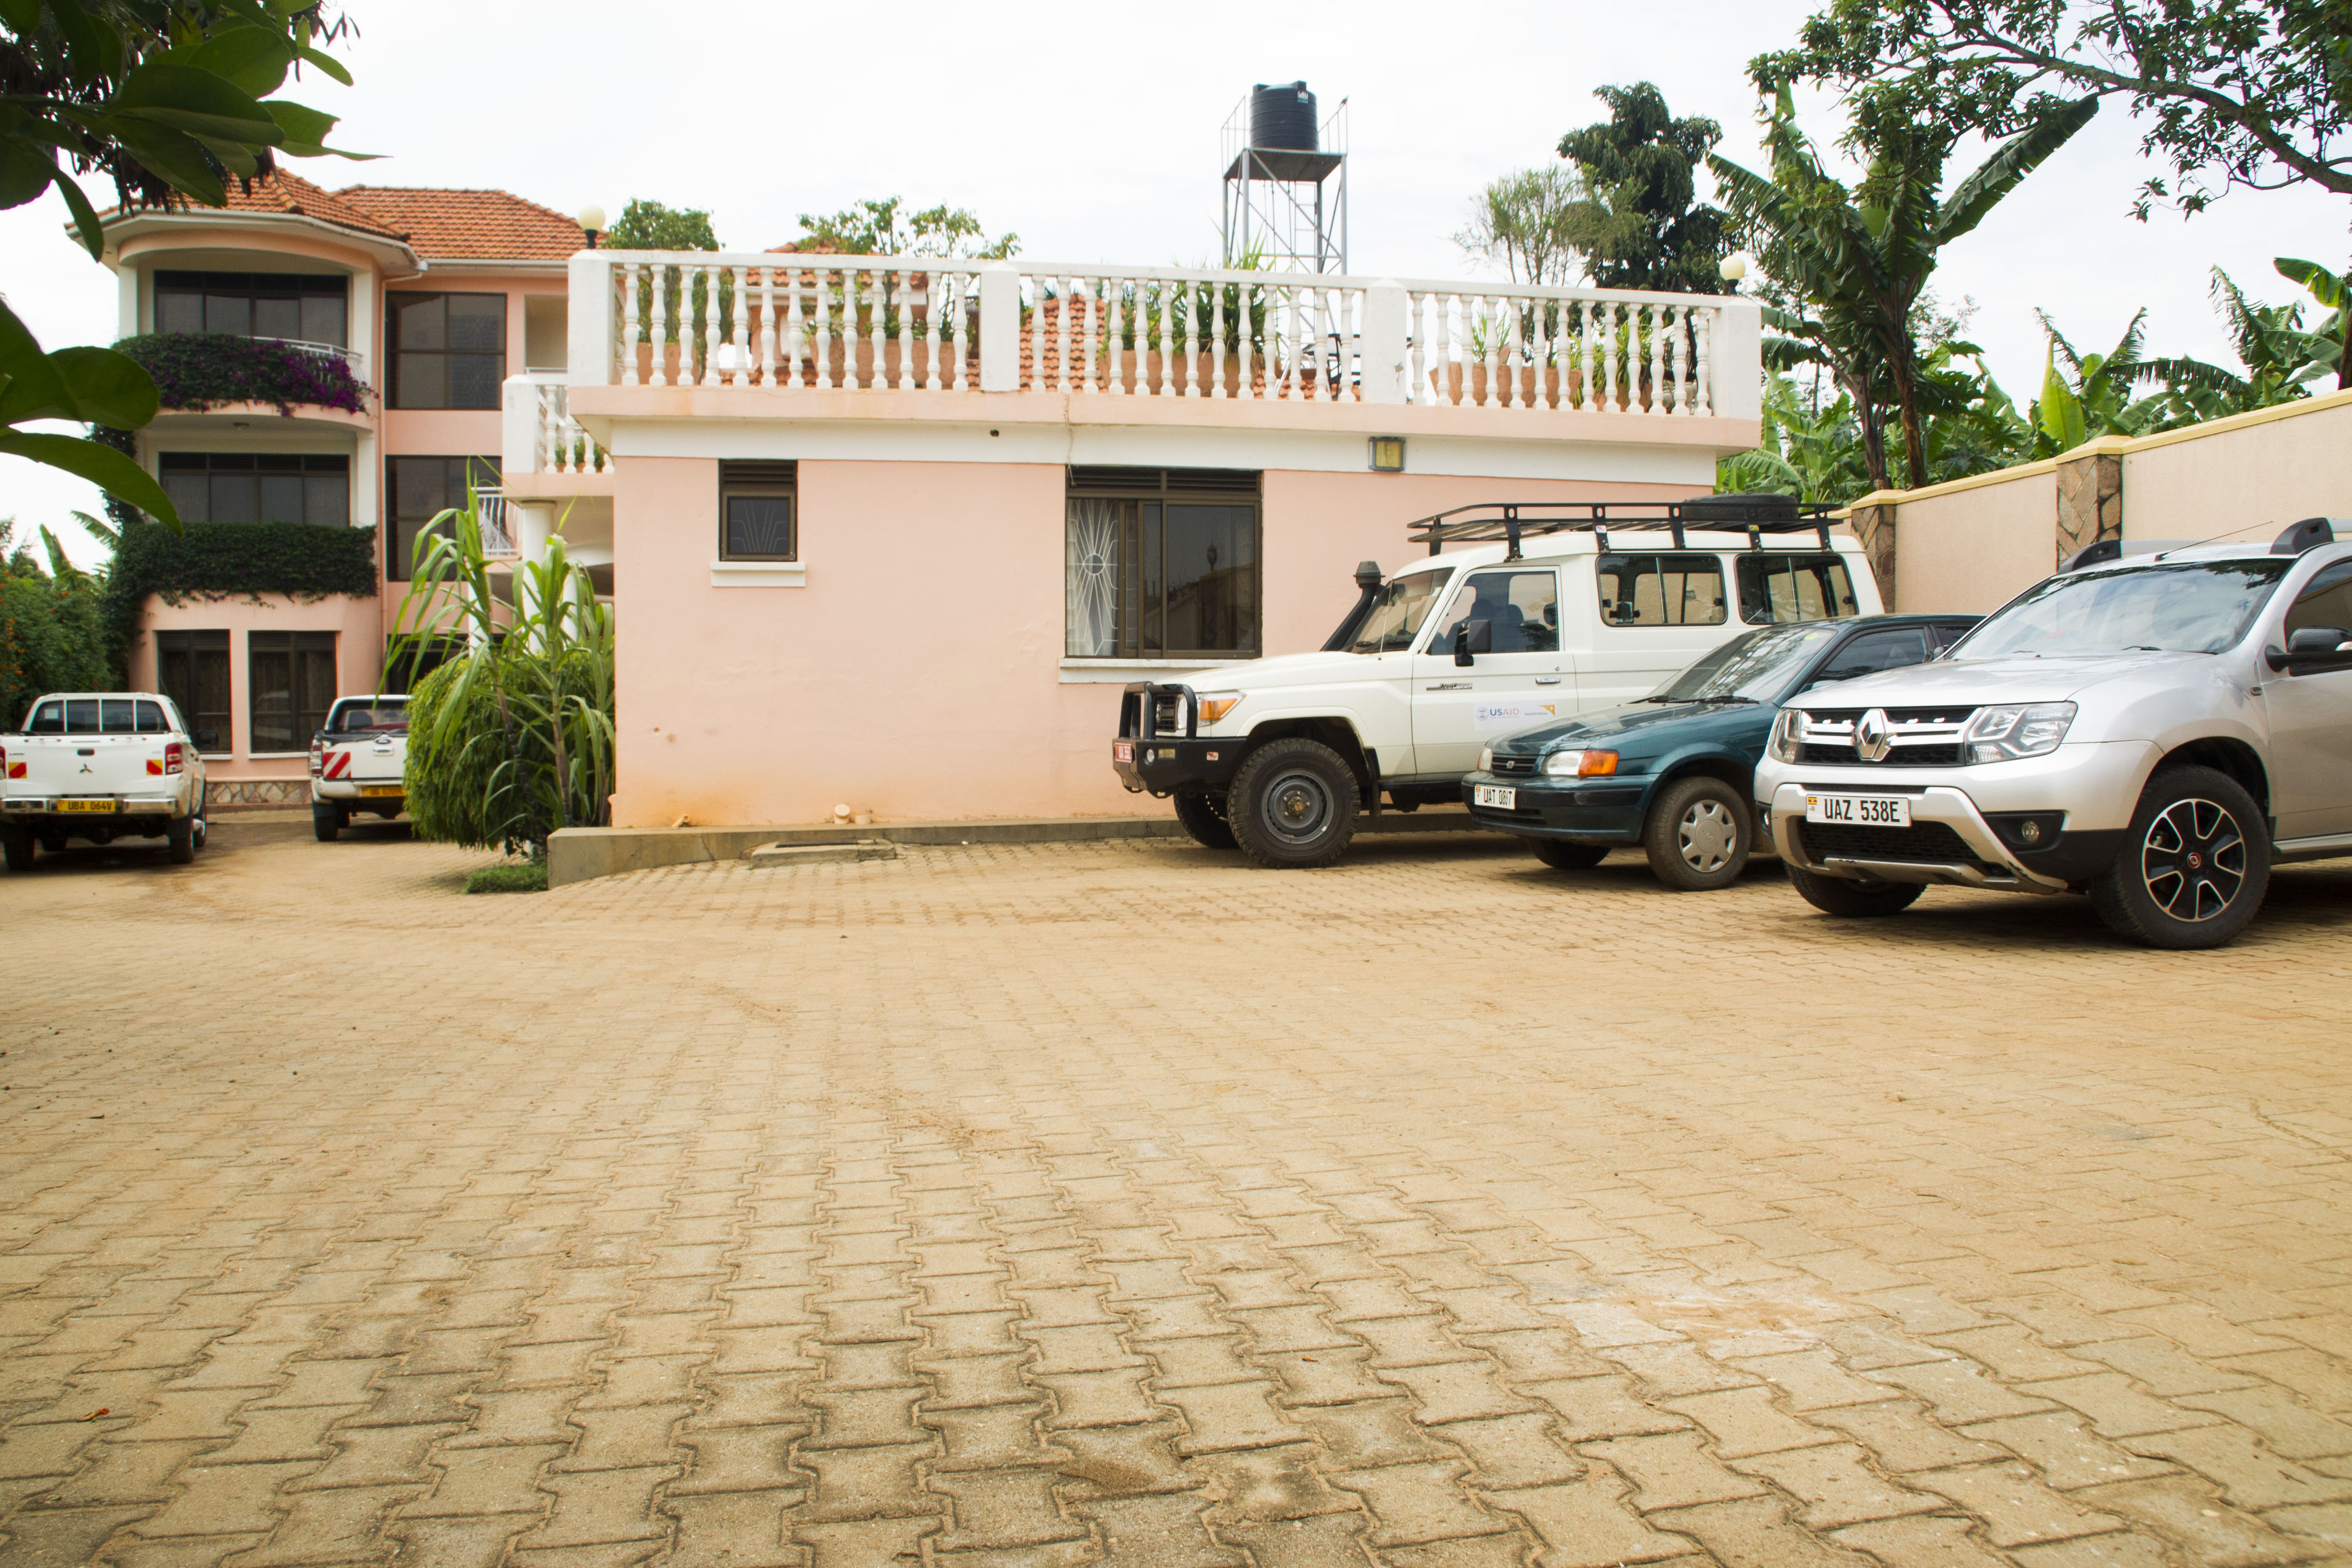 Spannet Suites, Mbarara